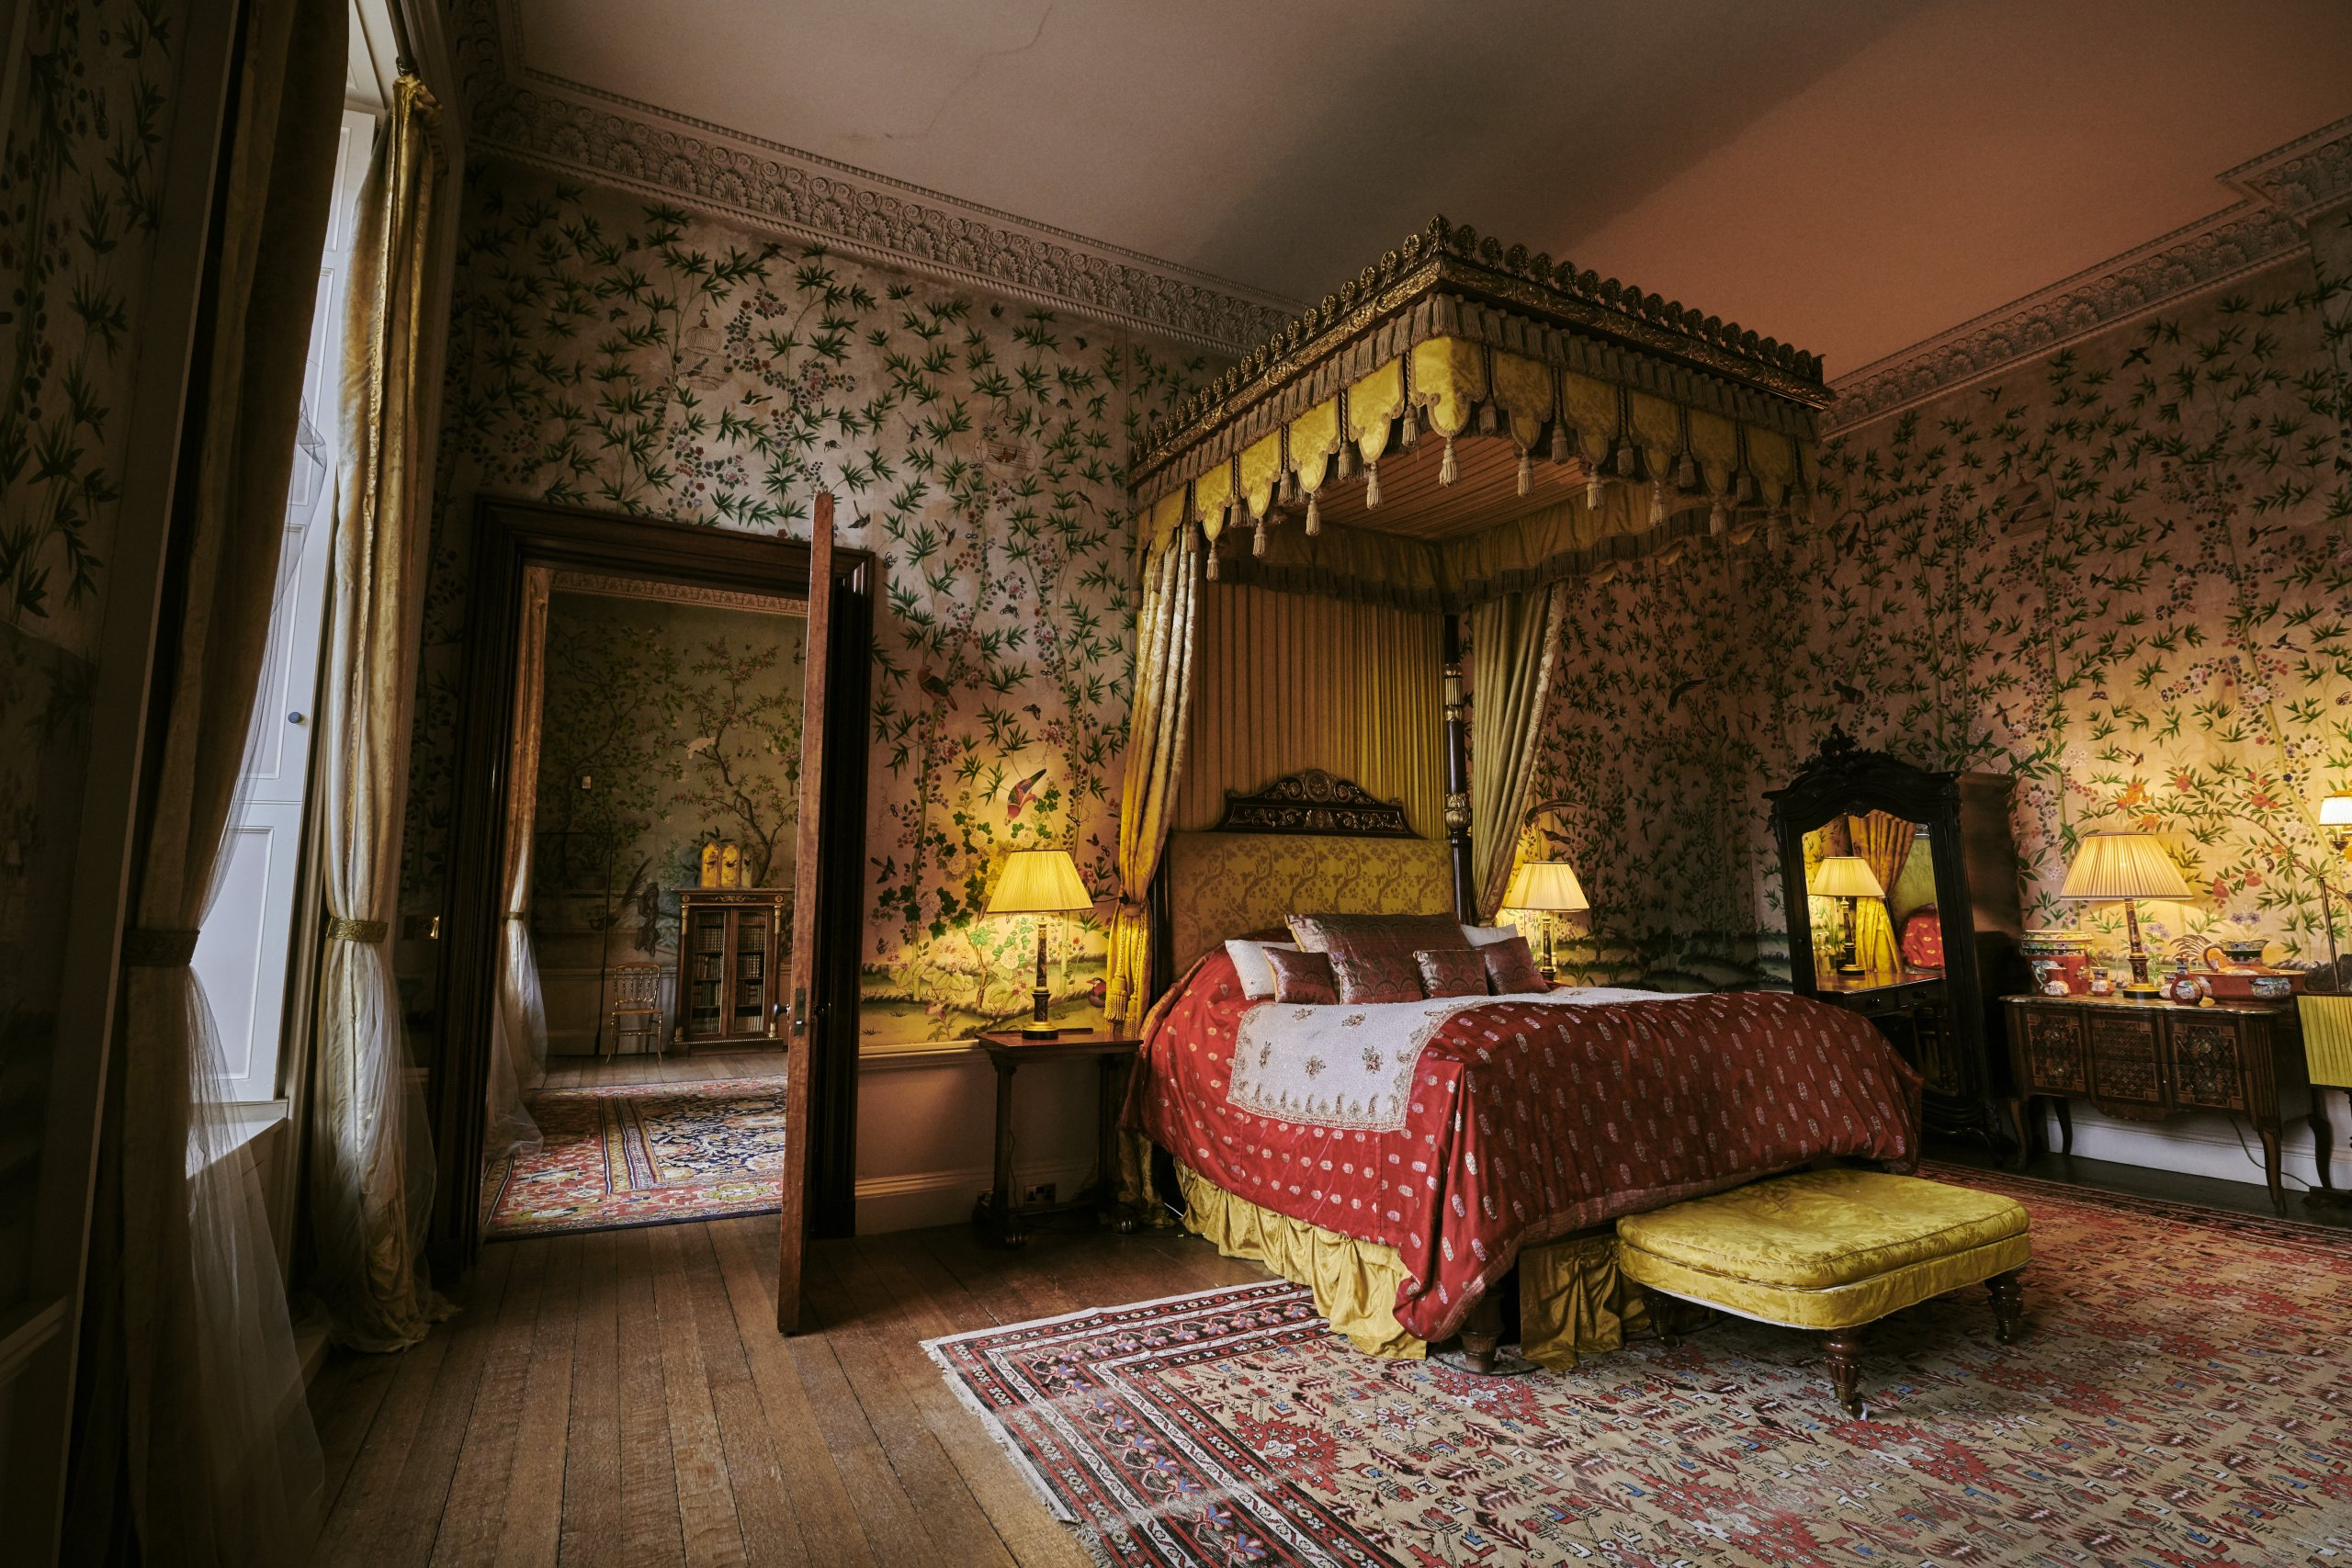 The Kings Suite at Belvoir Castle